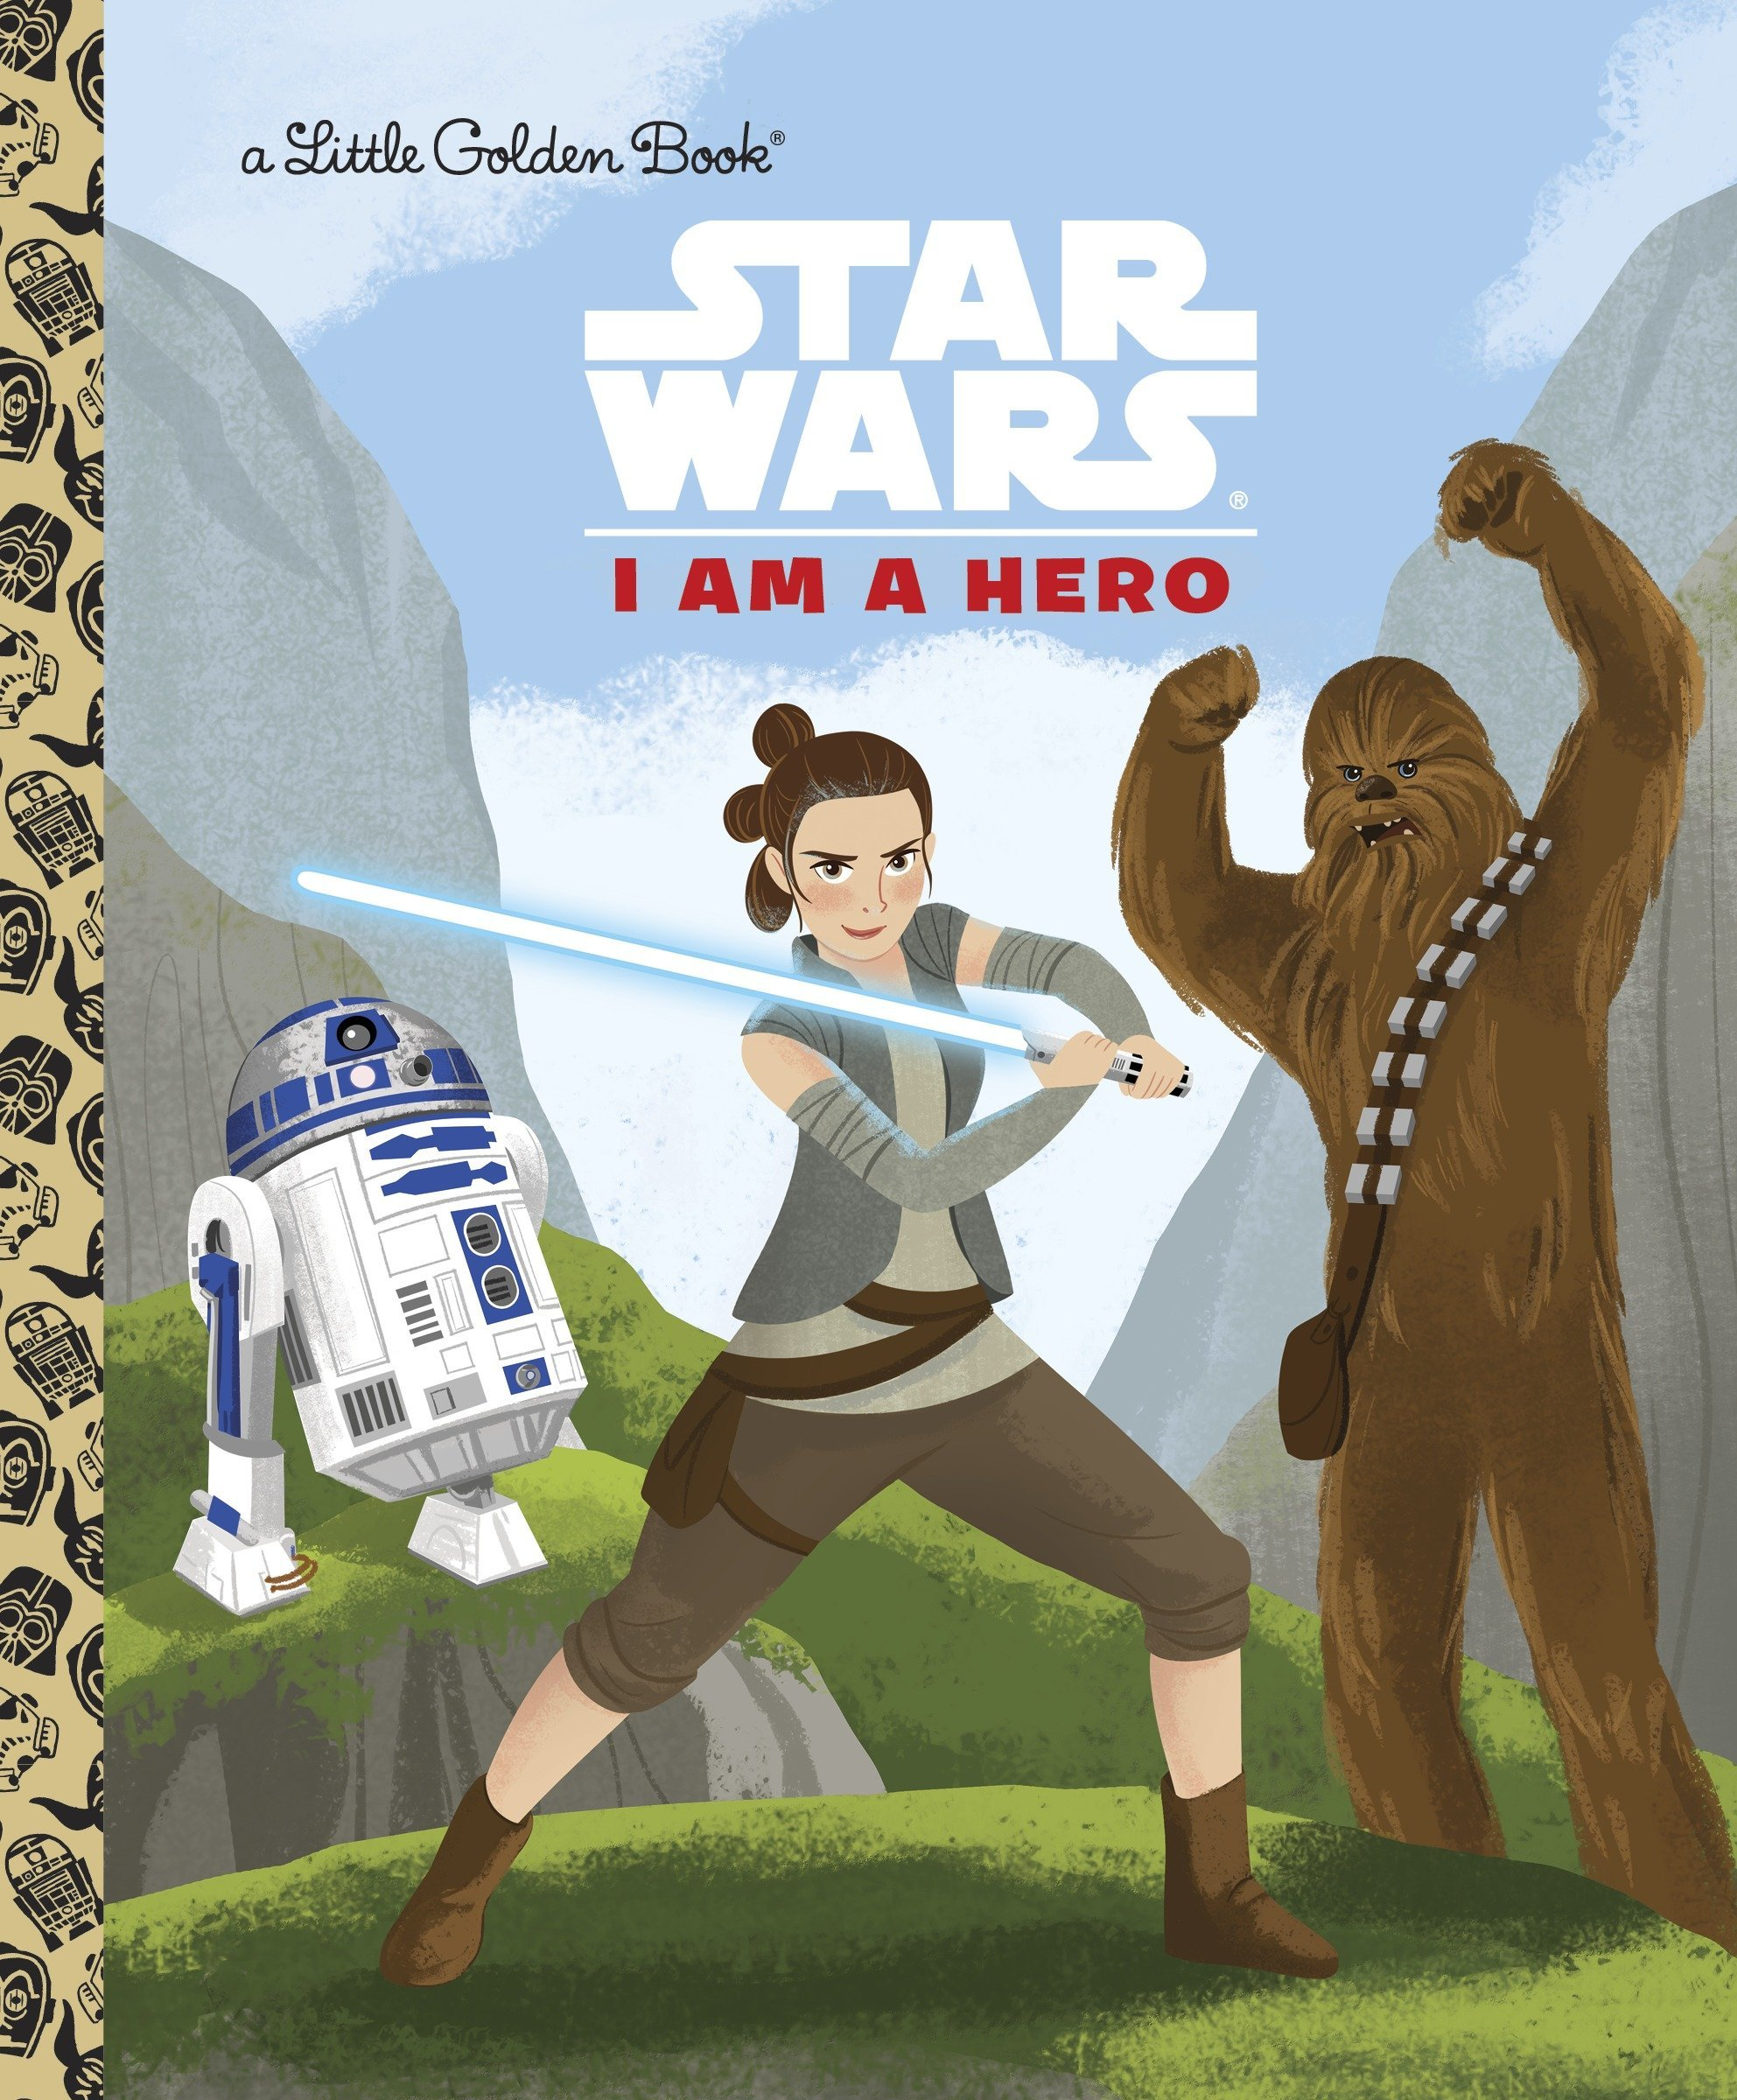 I Am a Hero (Star Wars) (Little Golden Book): Golden Books: 9780736435871:  Amazon.com: Books